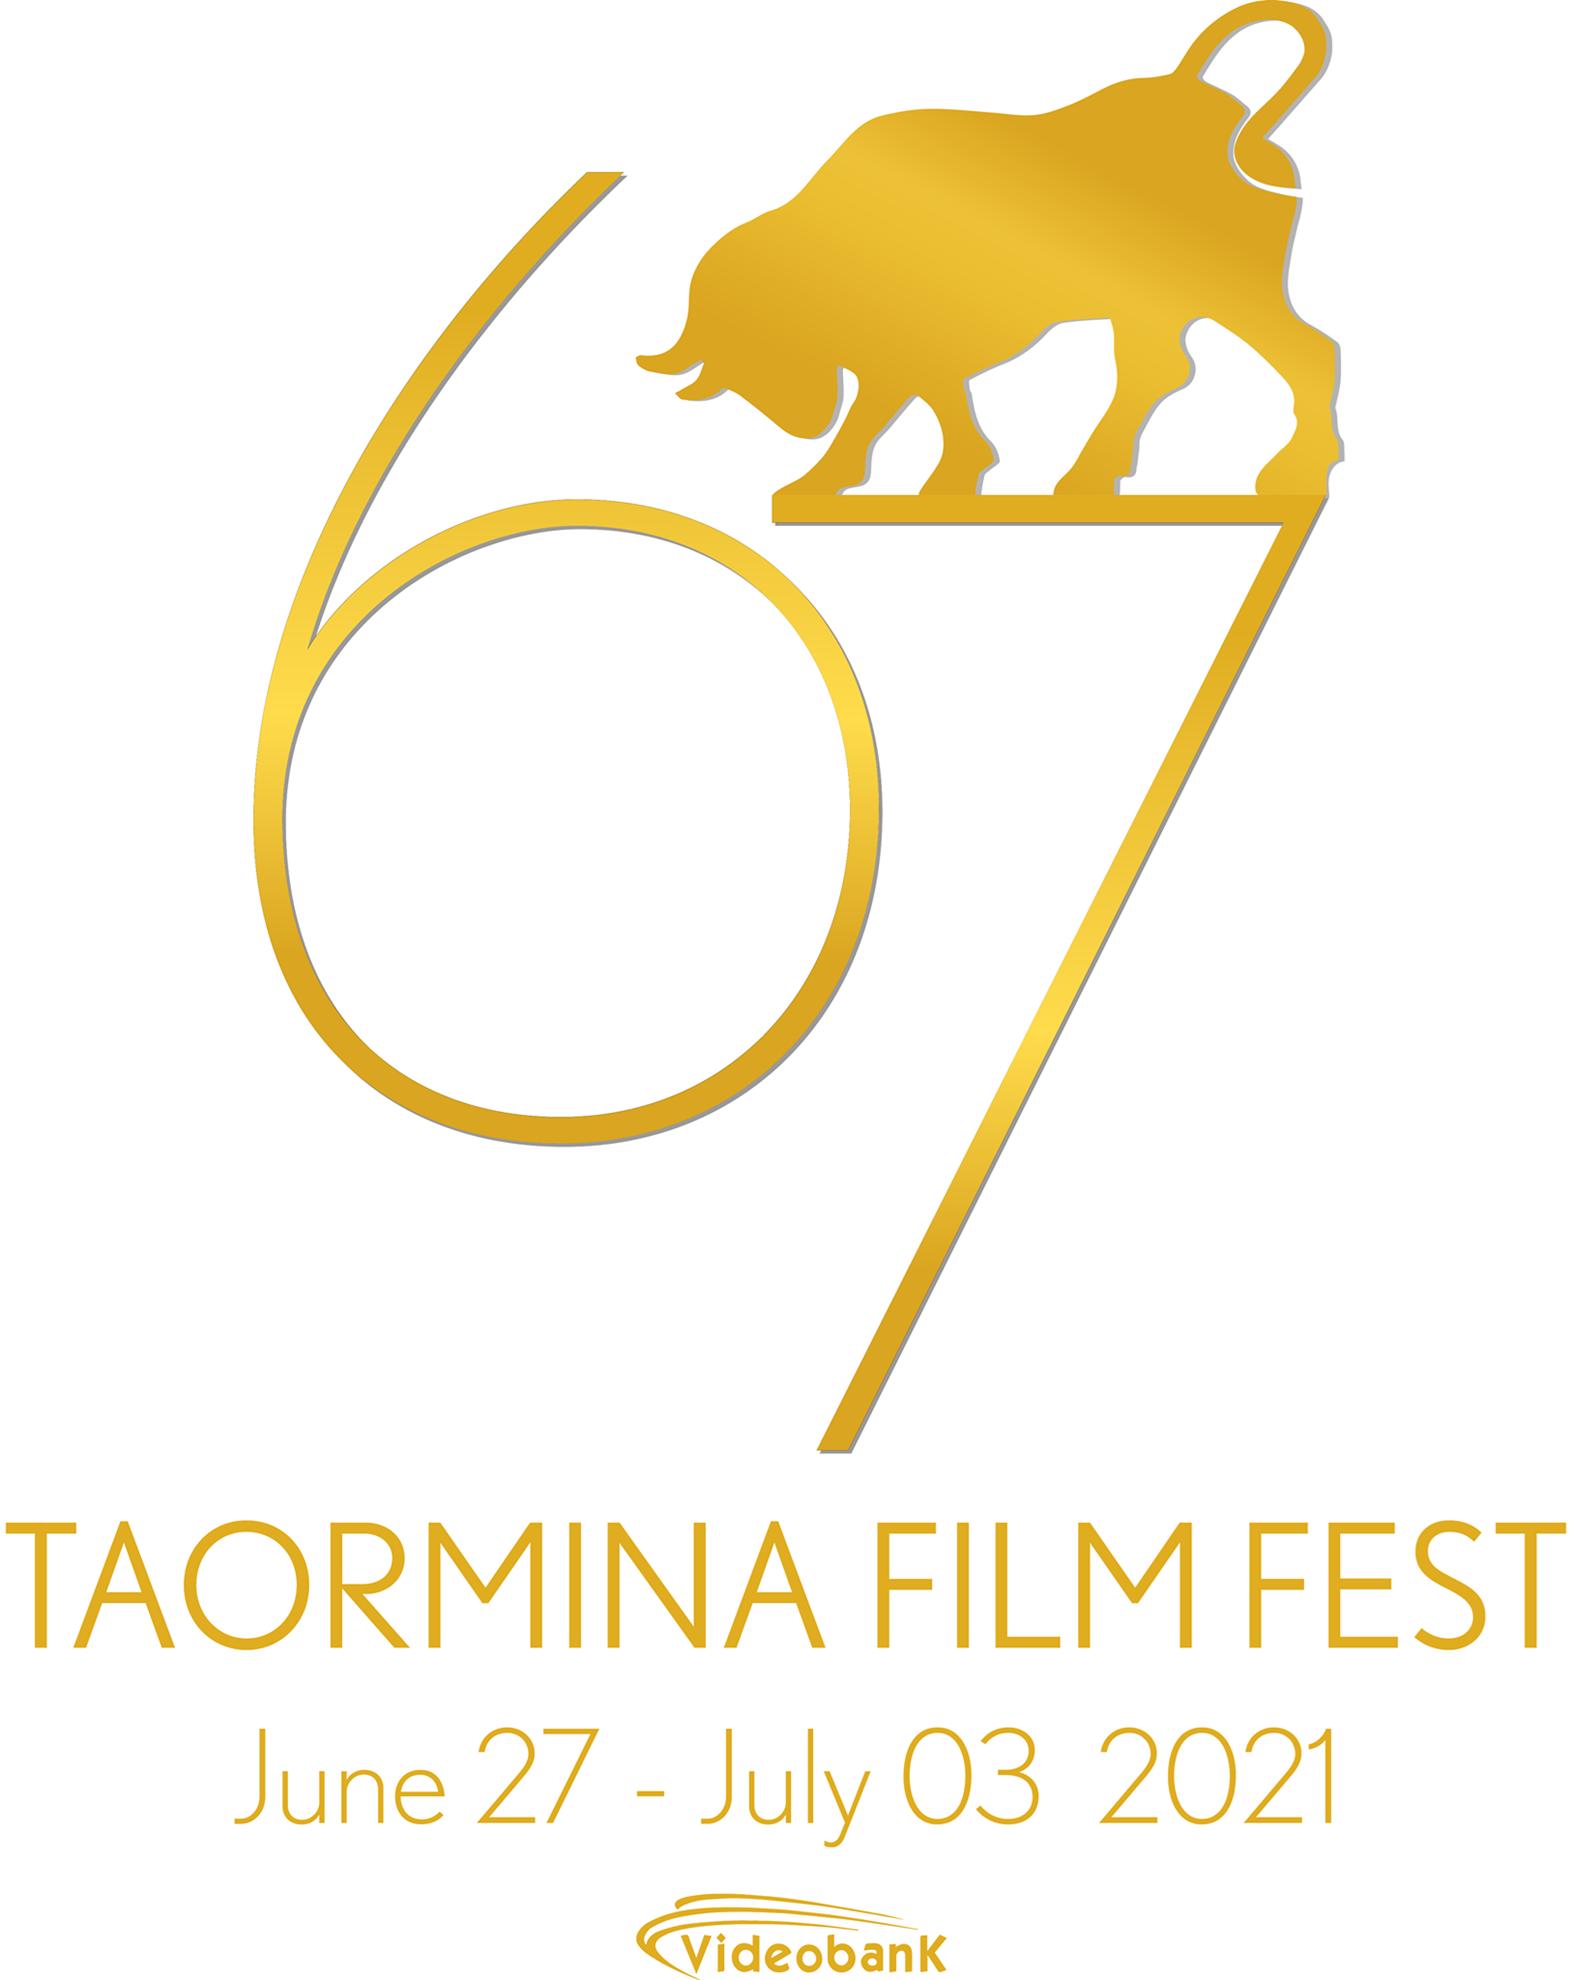 Immagine di La 67ma edizione del Taormina Film Fest dal 27 giugno al 3 luglio 2021